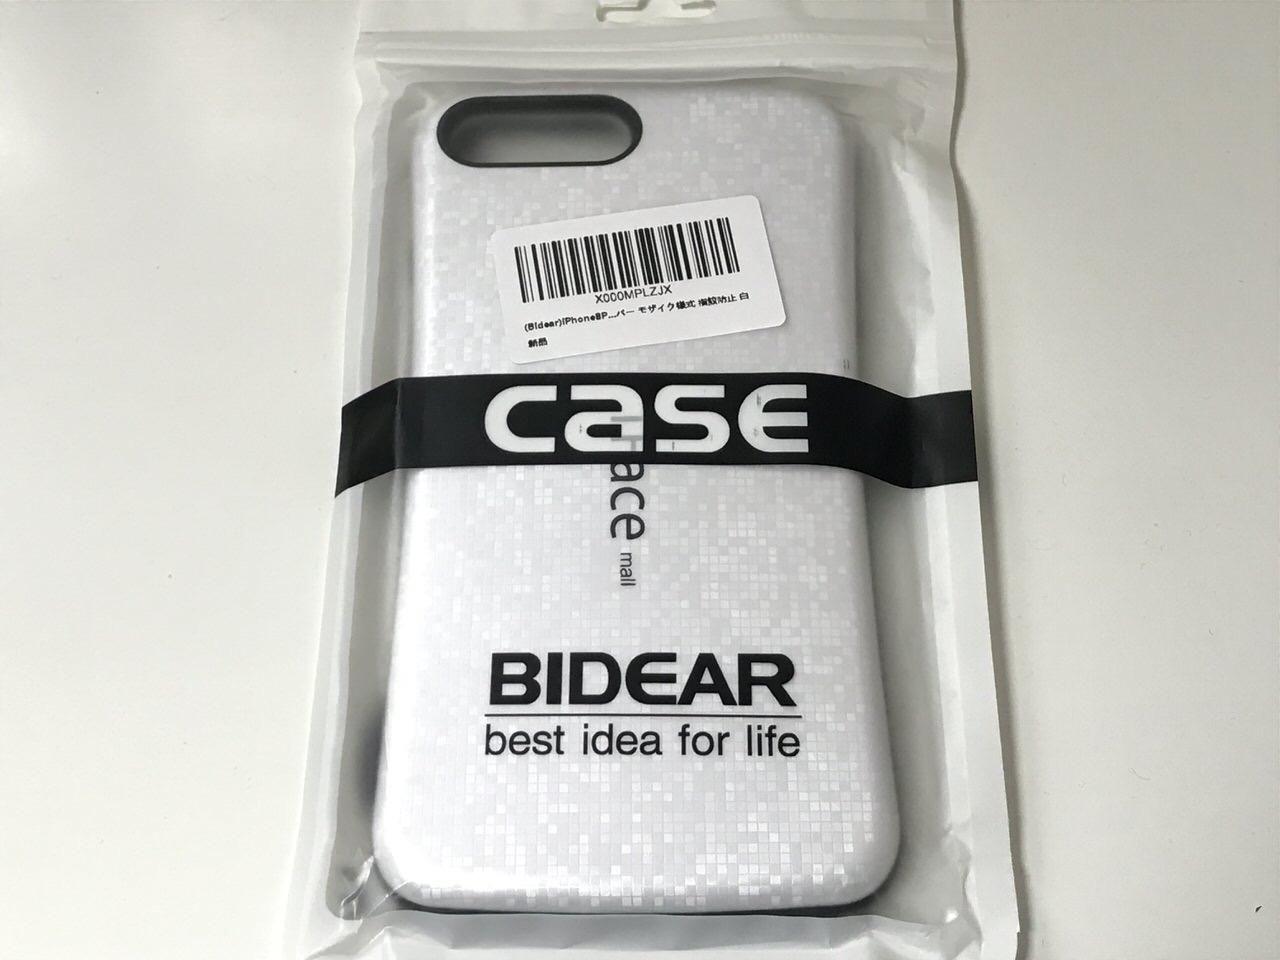 今さらiPhone 7 Plus用のケースを999円で購入した(iPhone 8 Plusにも対応)